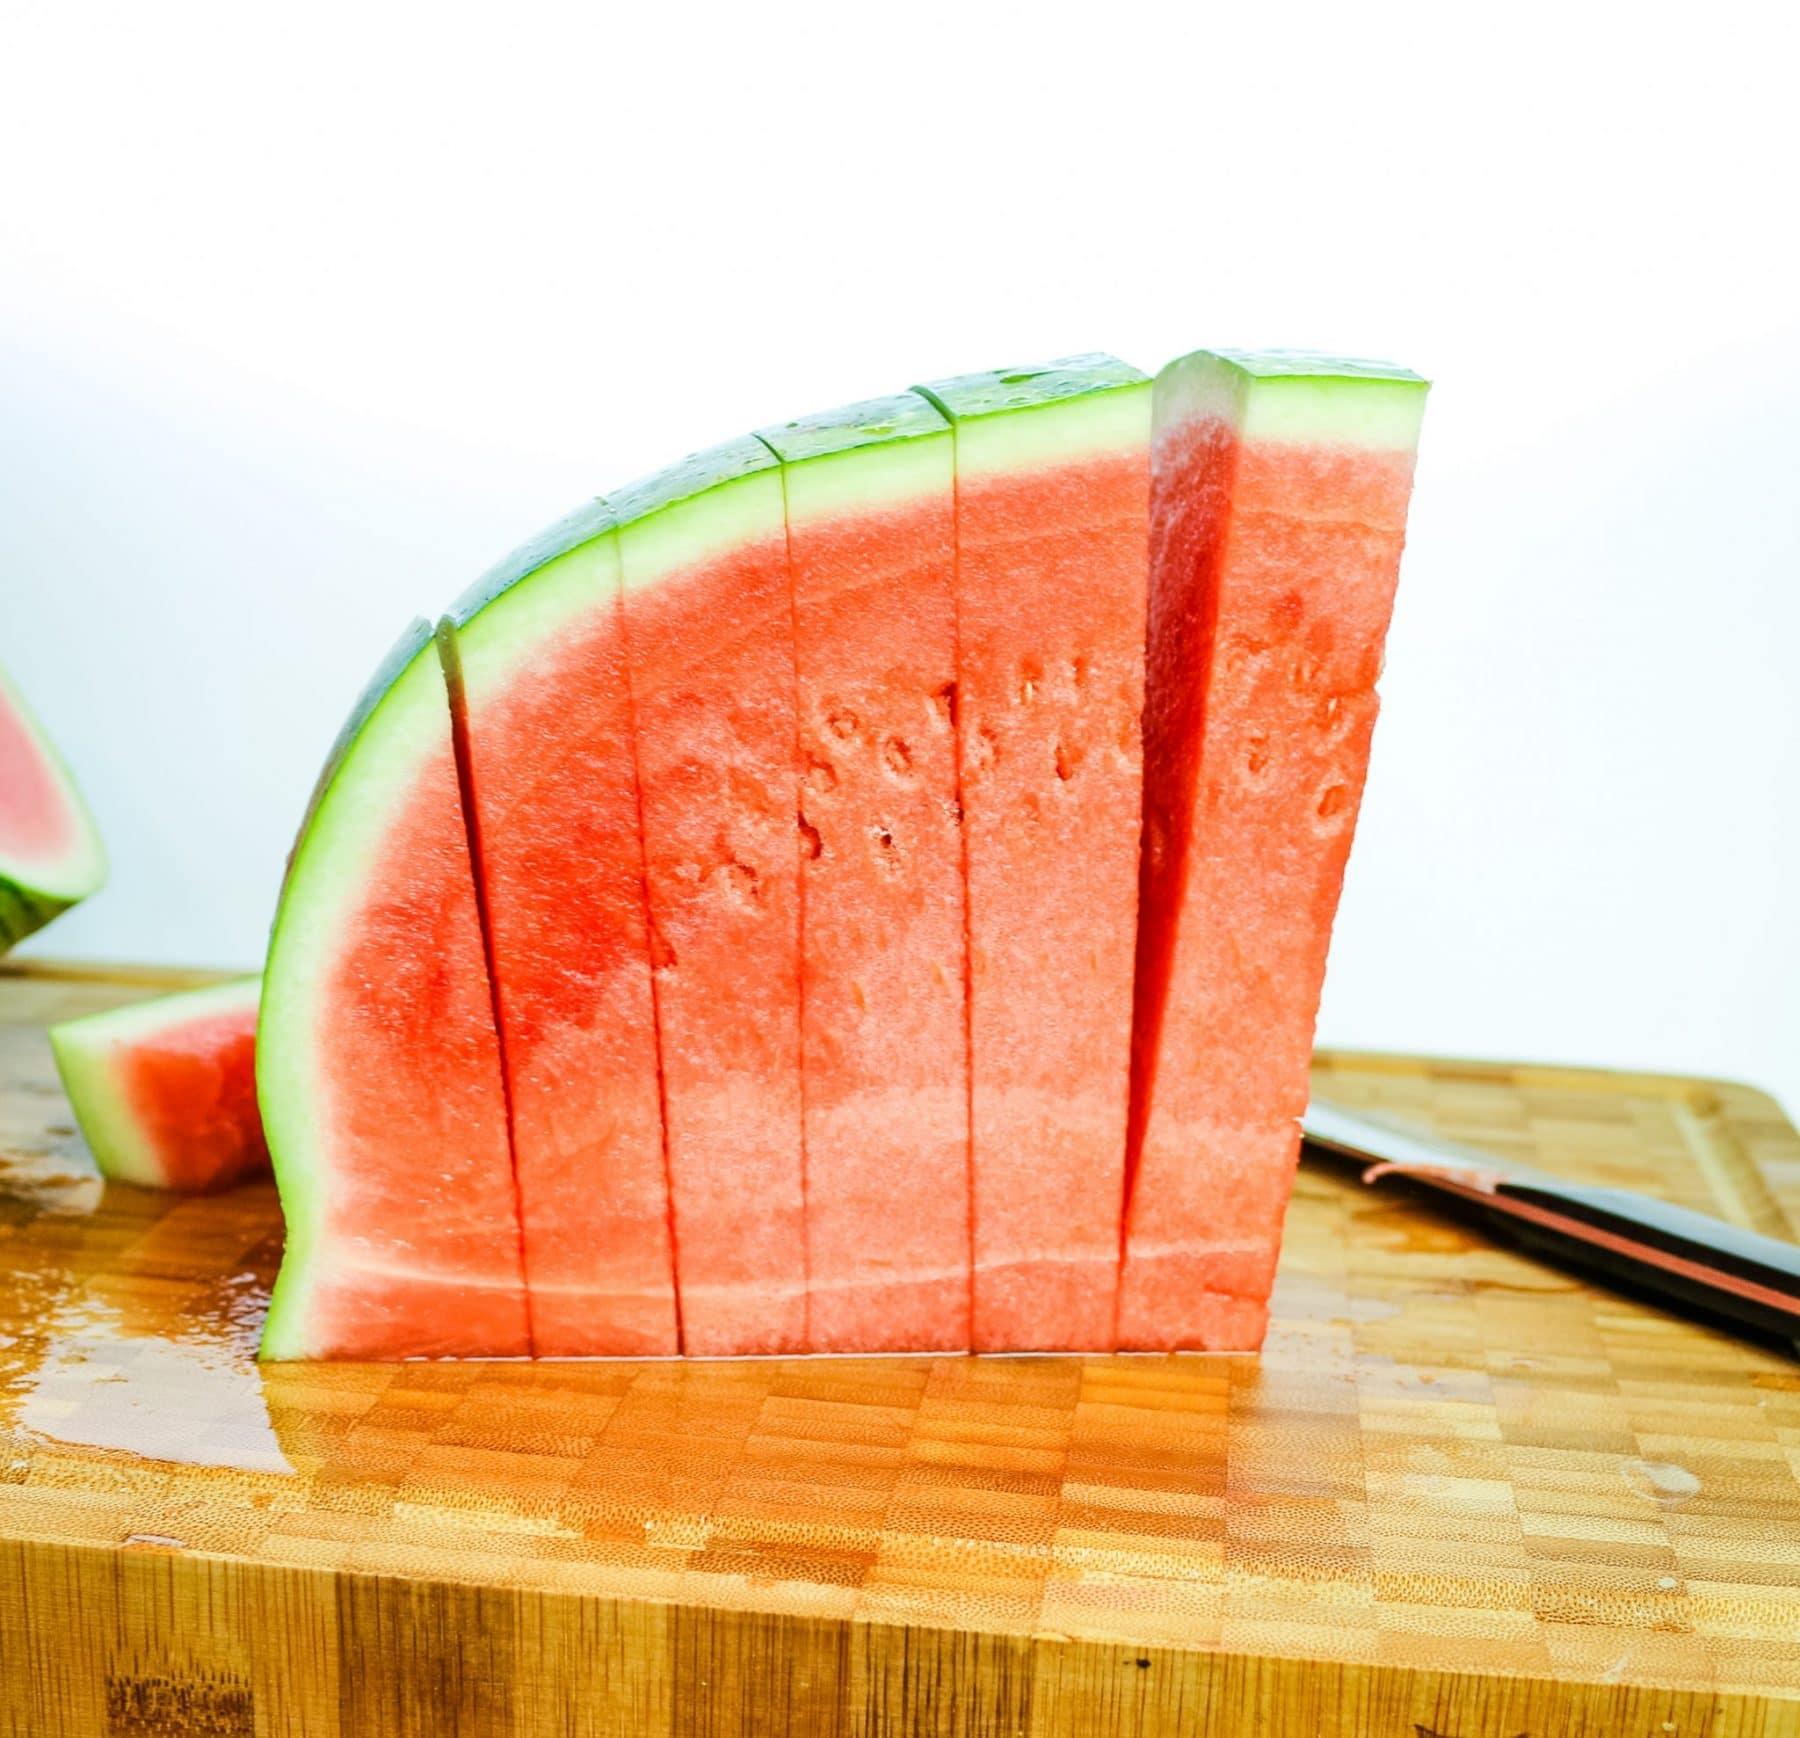 cut watermelon on a cutting board